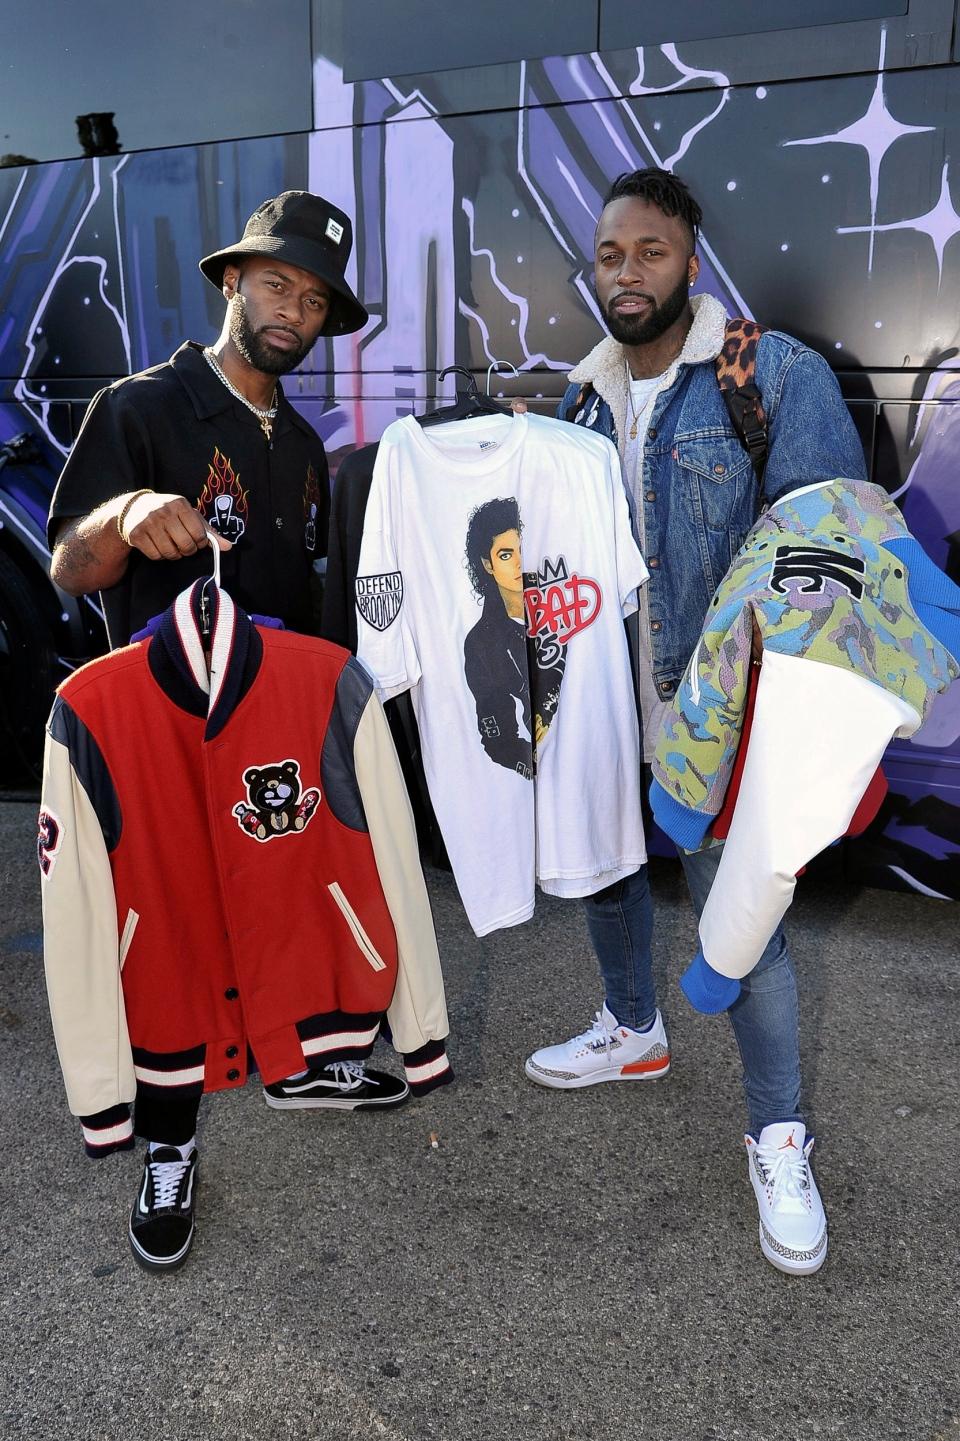 Chris Brown's yard sale